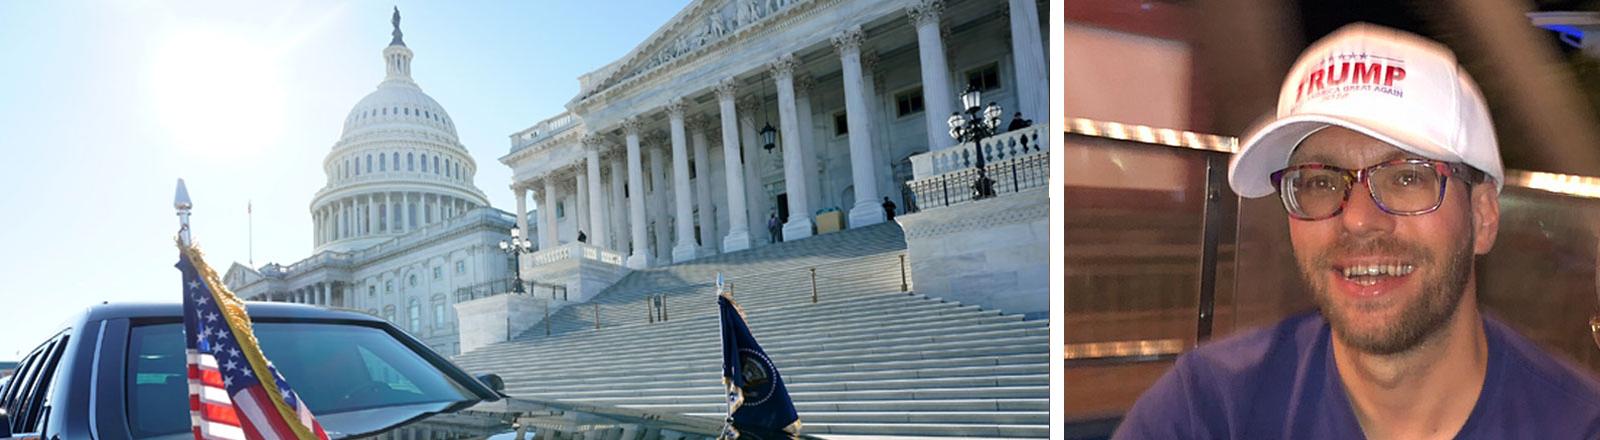 Benjamin Wolfmeier, Mitglied der Republicans Overseas Germany. daneben das US-Kongressgebäude mit der Limousine von Donald Trump